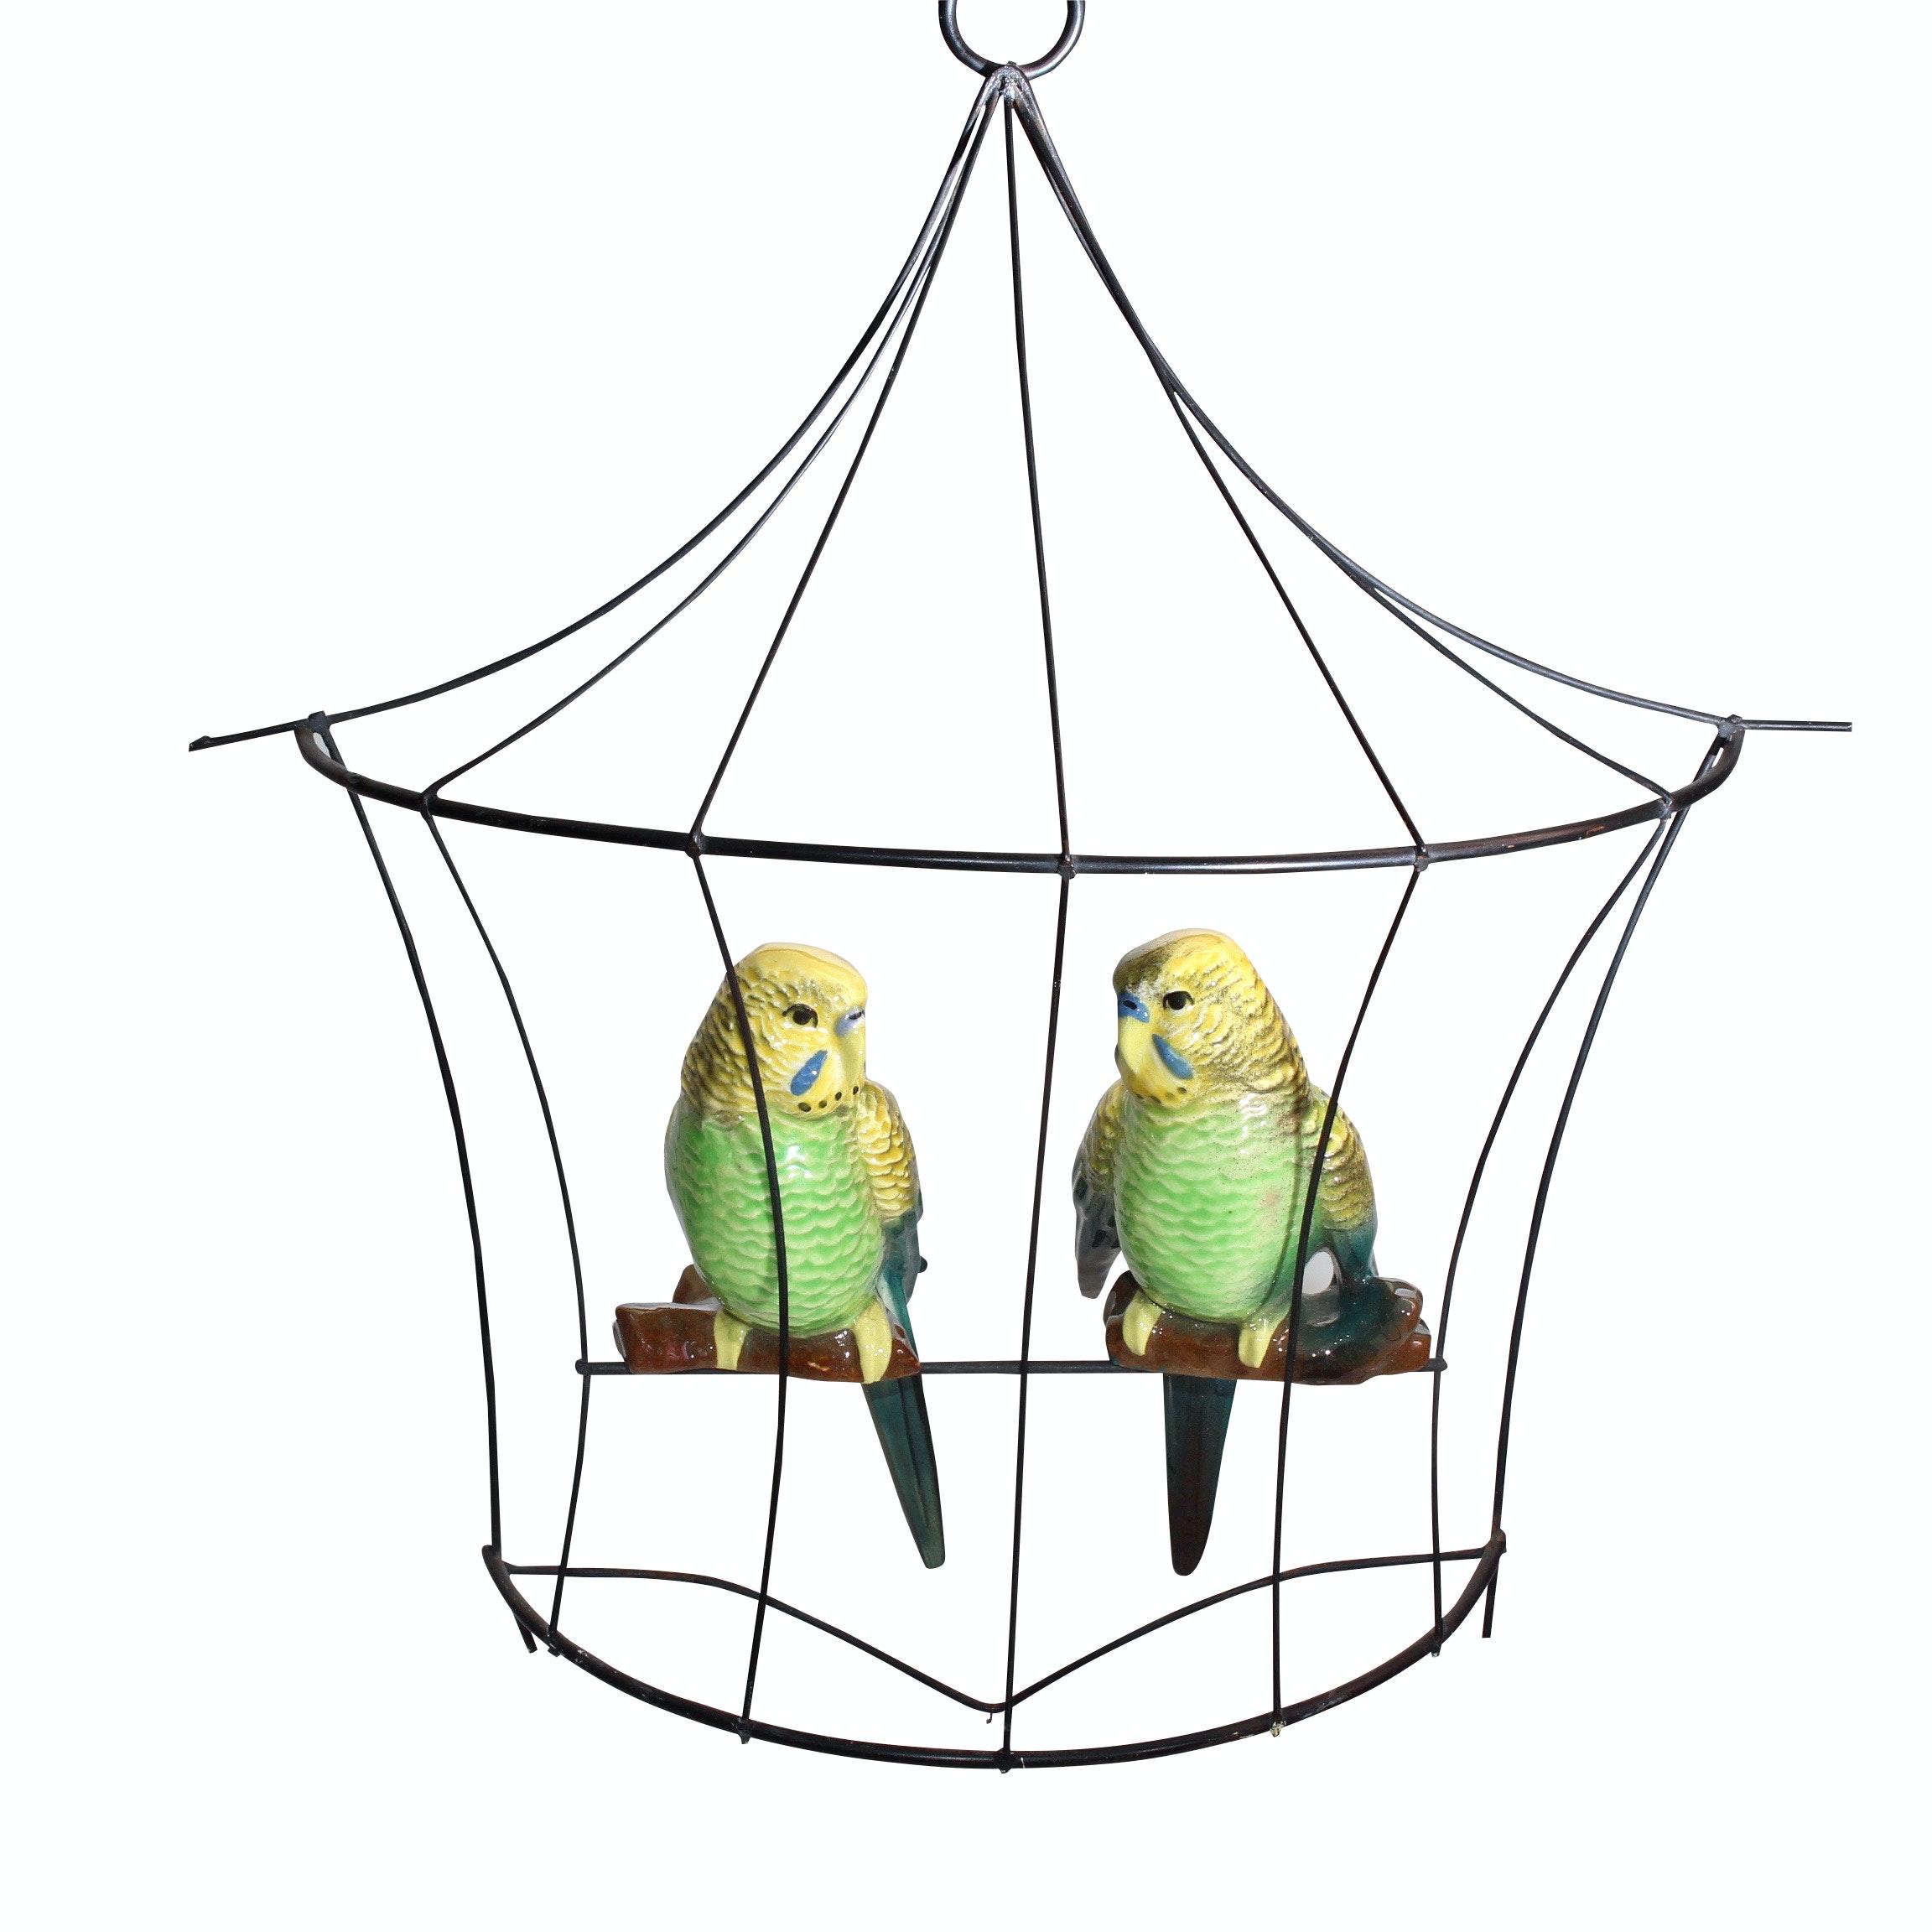 Ceramic Arts Studio Parrot Figurines in Mounted Cage